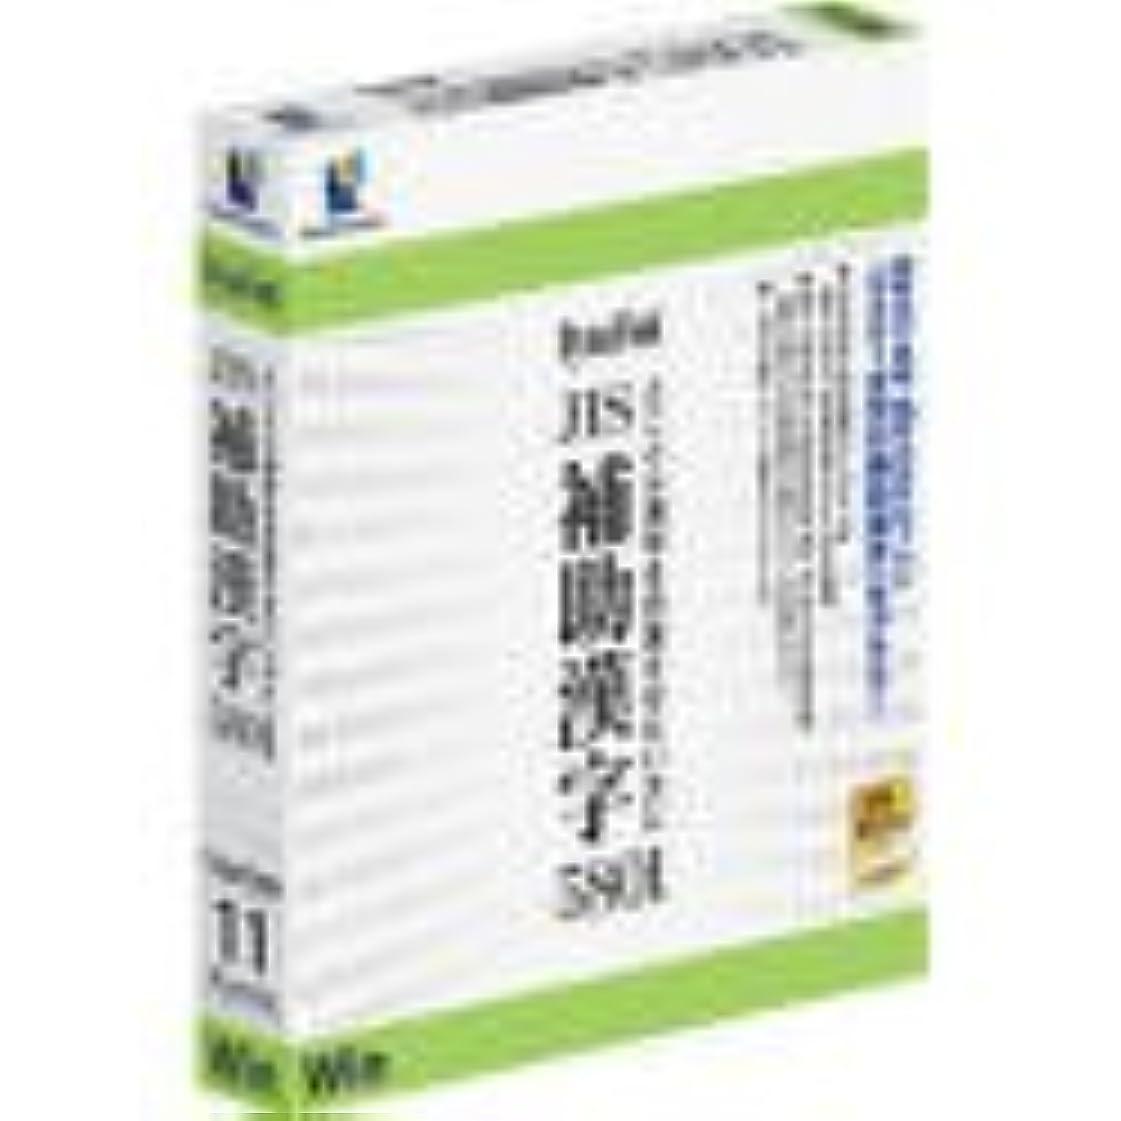 ミニチュア流産納屋DynaFont JIS補助漢字 5801 for Windows